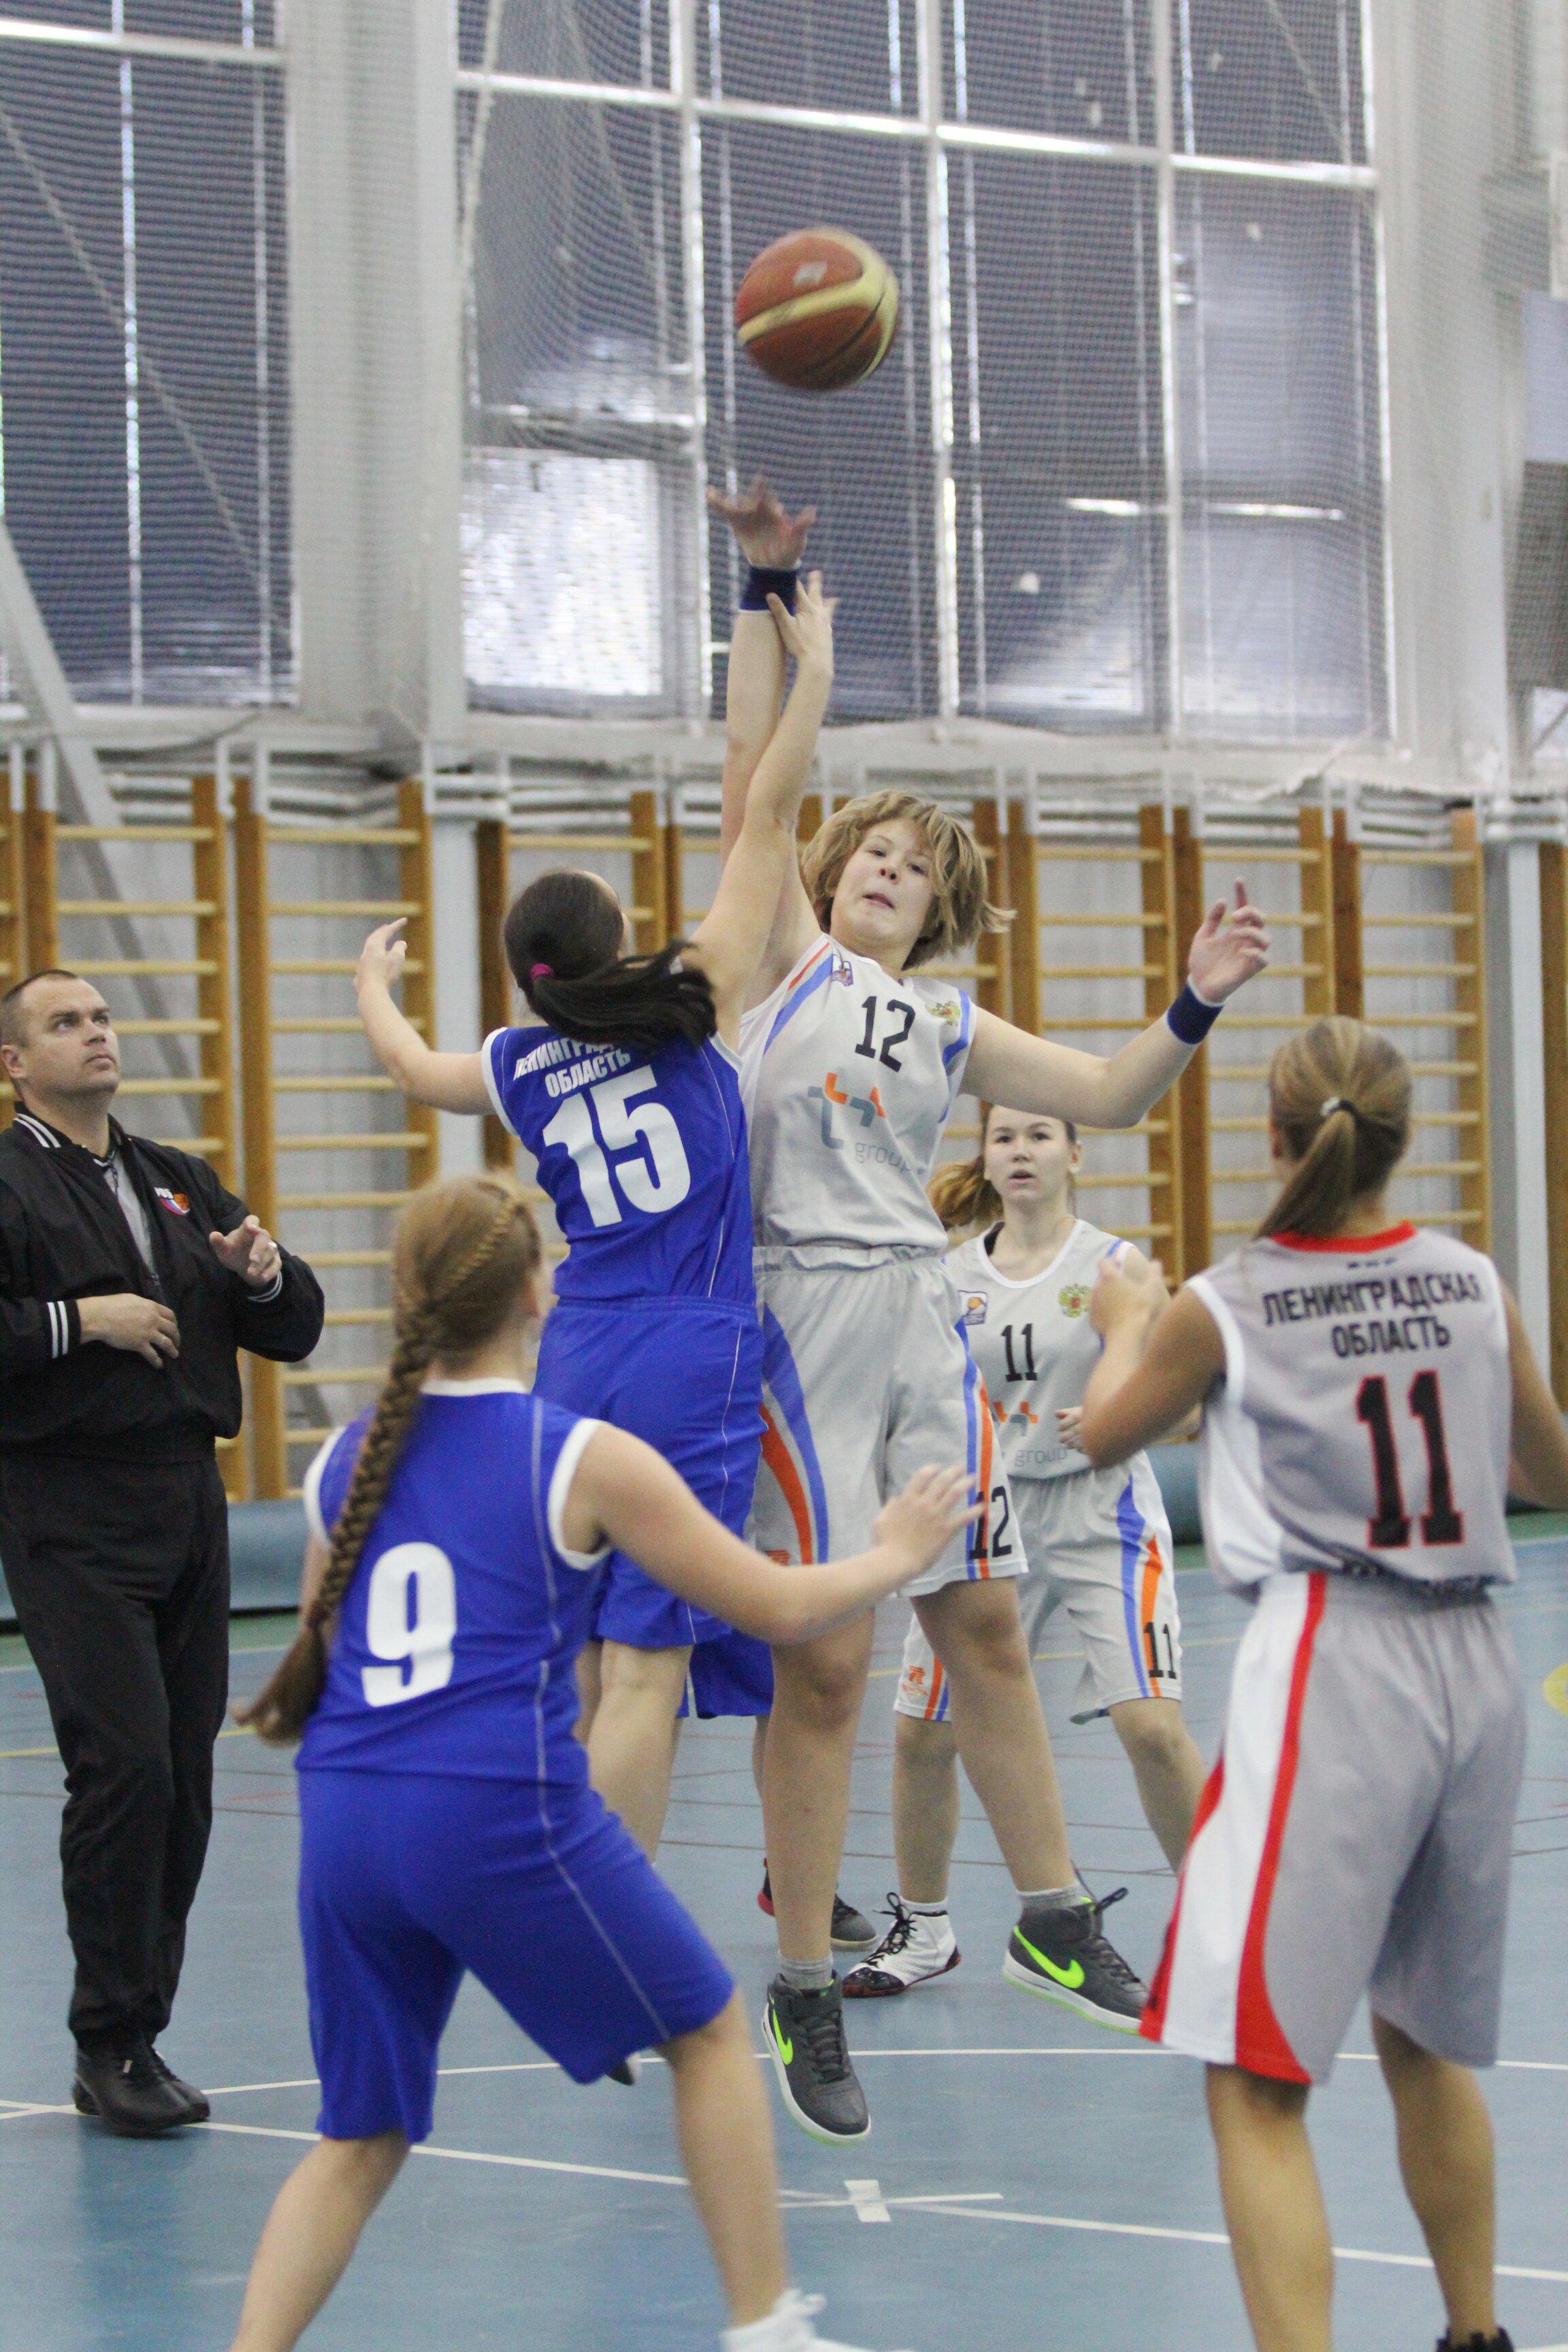 Скачать книгу баскетбол в школе